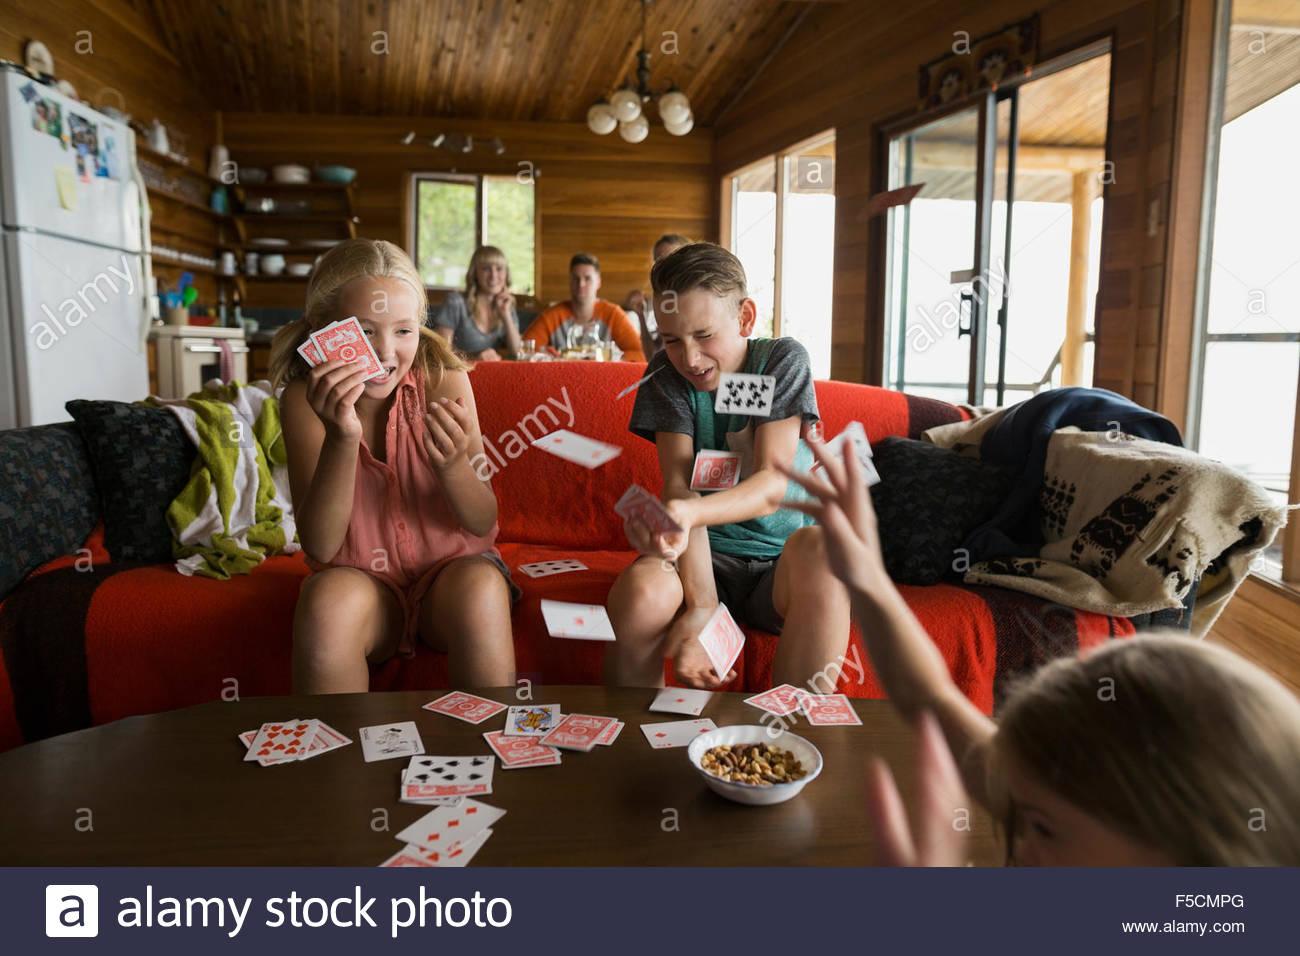 Giocoso cugini colpetti carte in cabina Immagini Stock